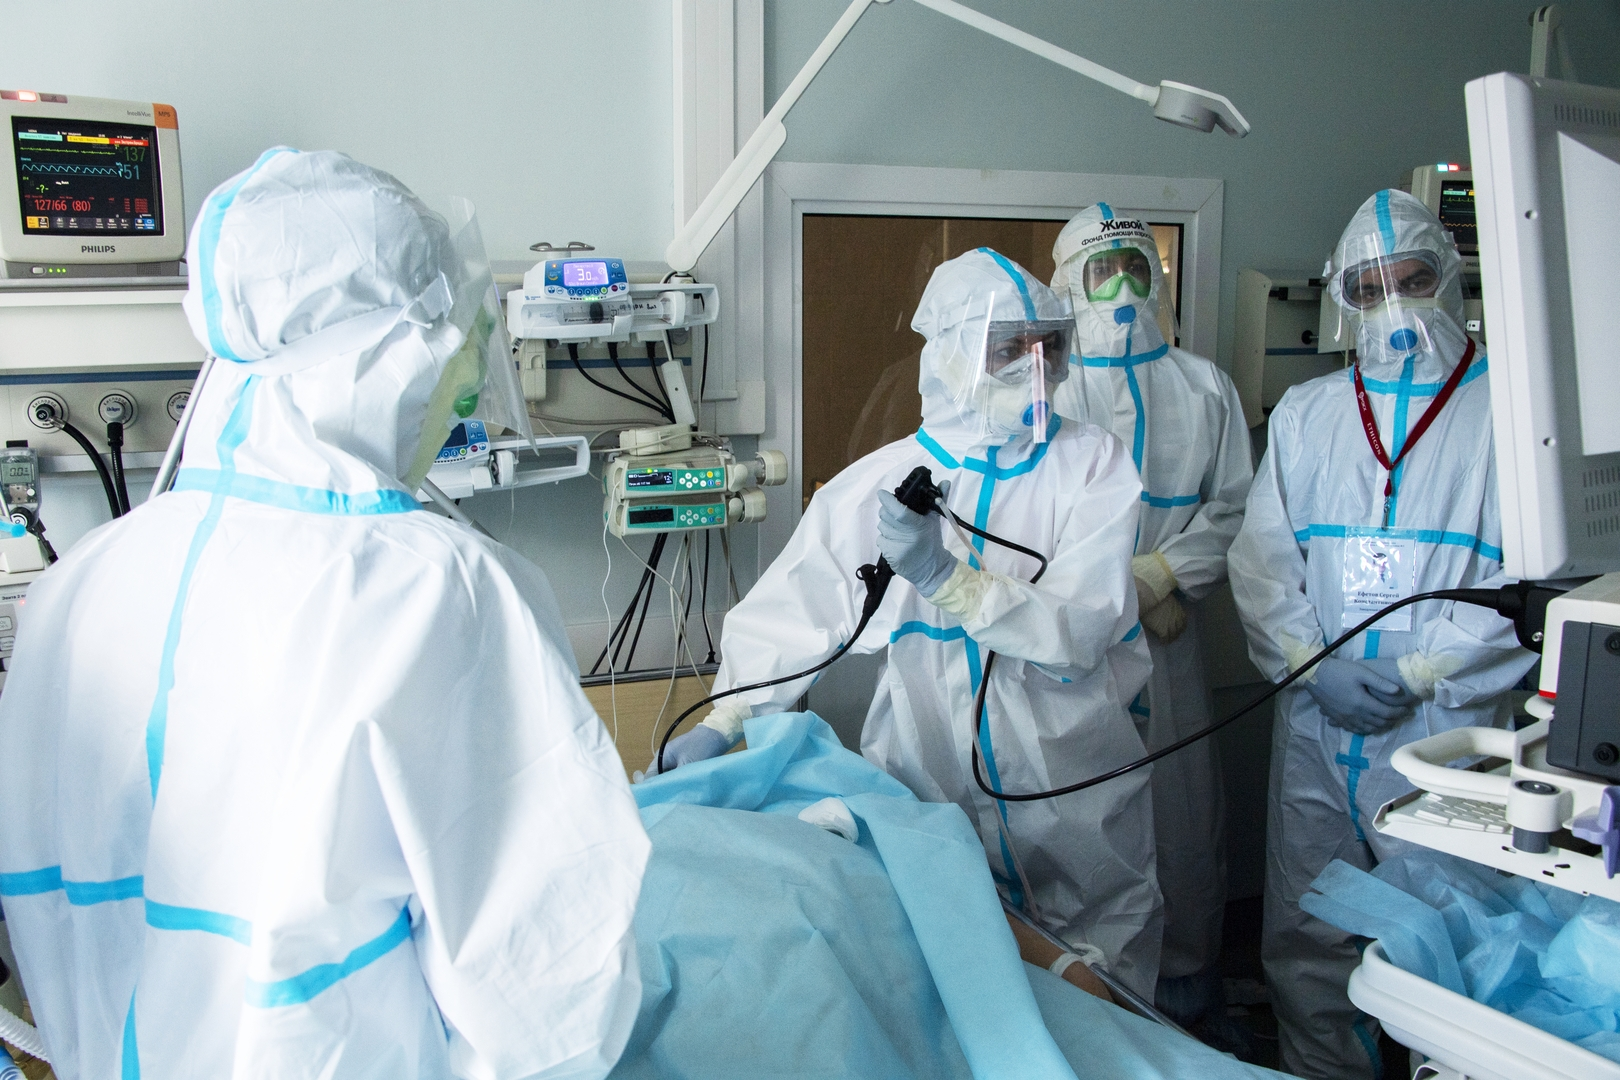 جامعة سيتشينوف: المشاركون في اختبارات اللقاح ضد فيروس كورونا في حالة جيدة